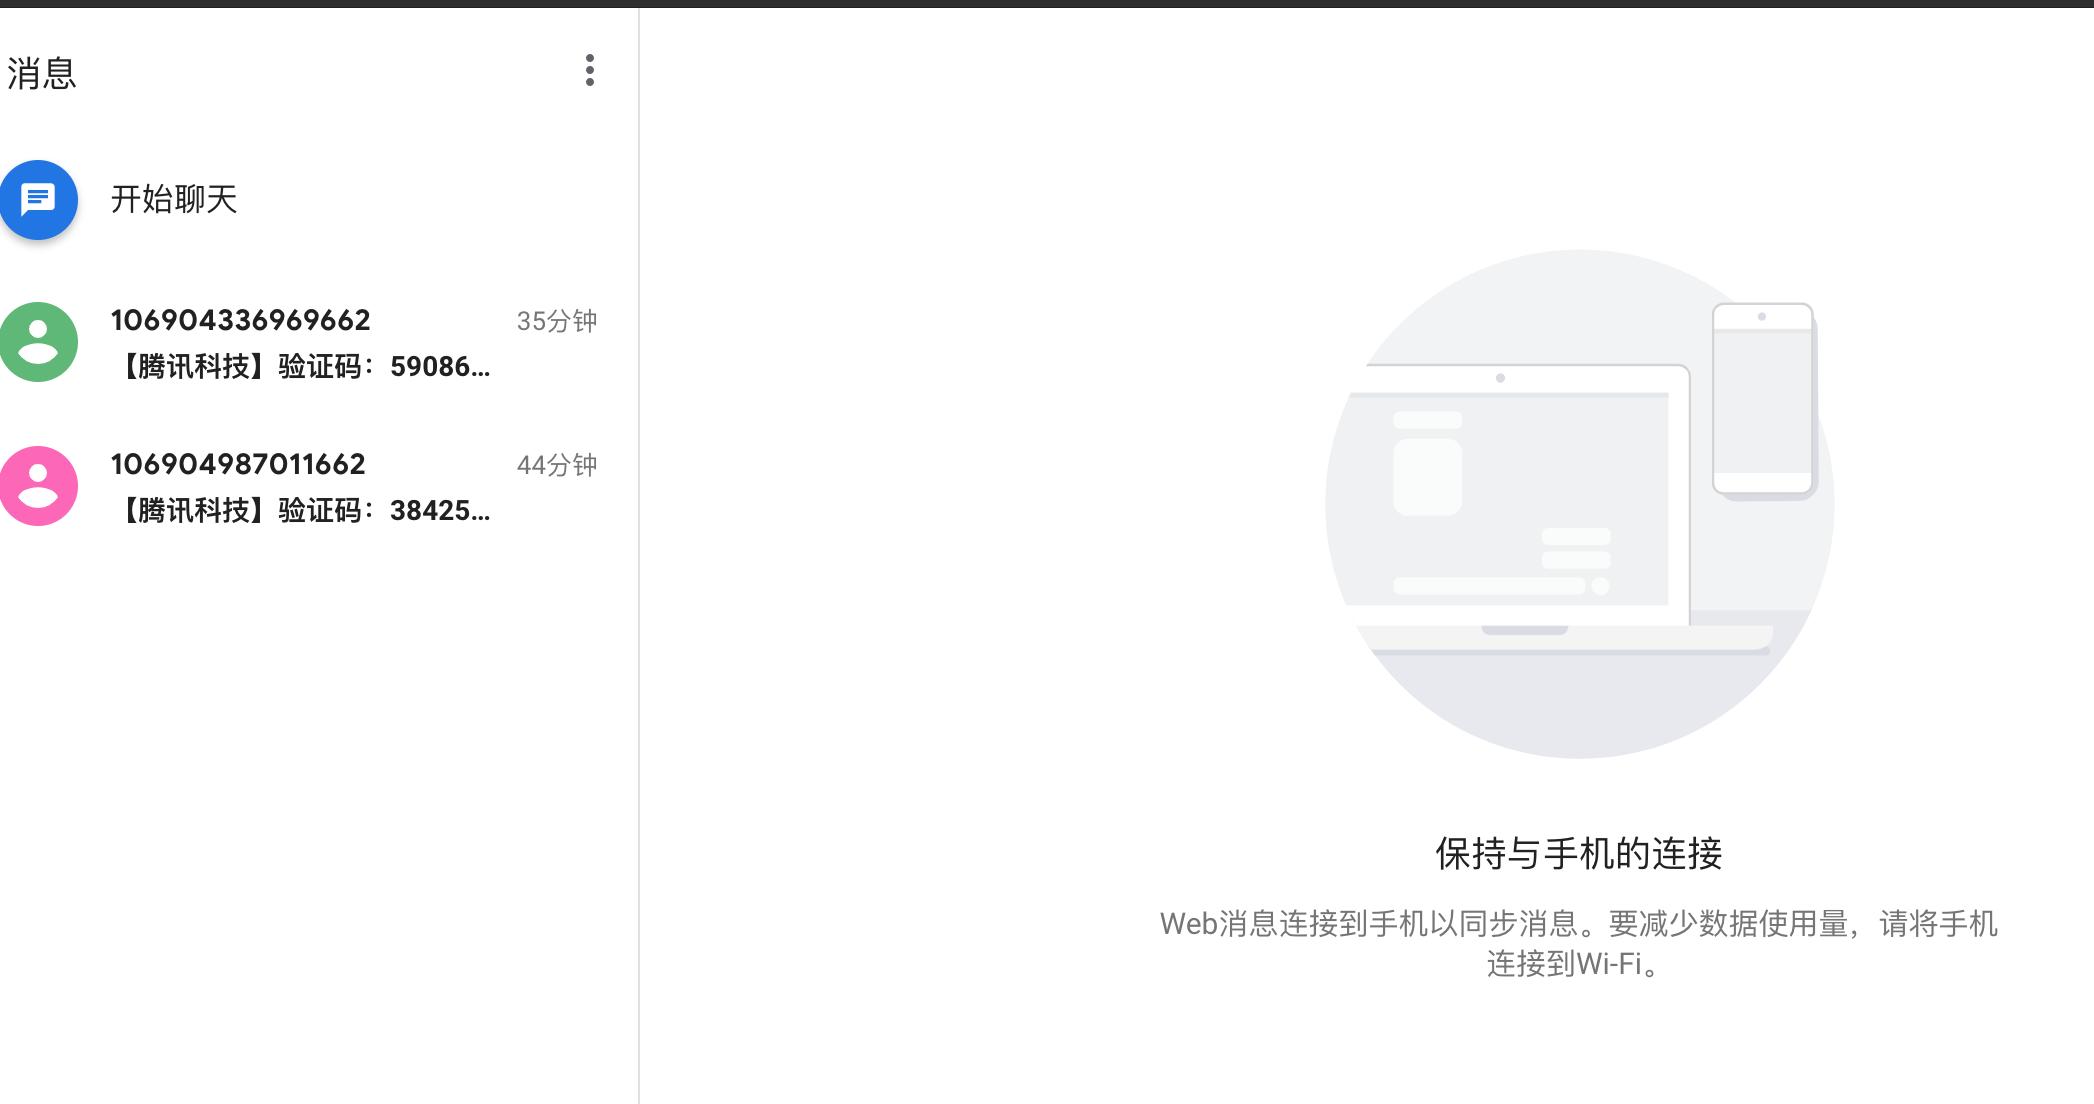 用谷歌的信息同步网页短信显示